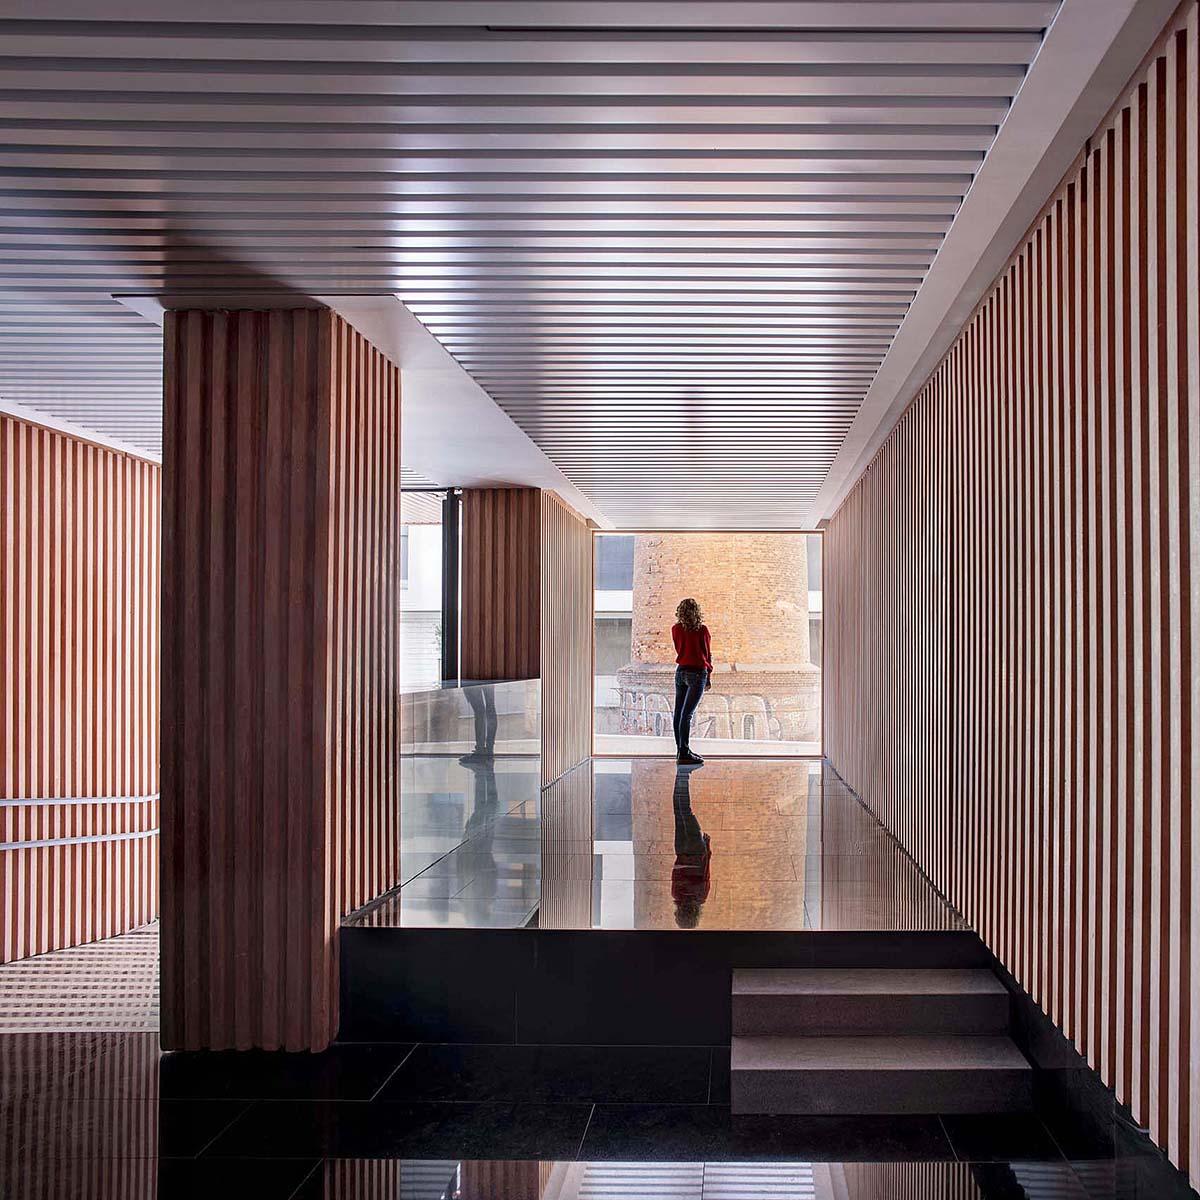 Edificio-73-viviendas-alquiler-Munoz-Miranda-Architects-05